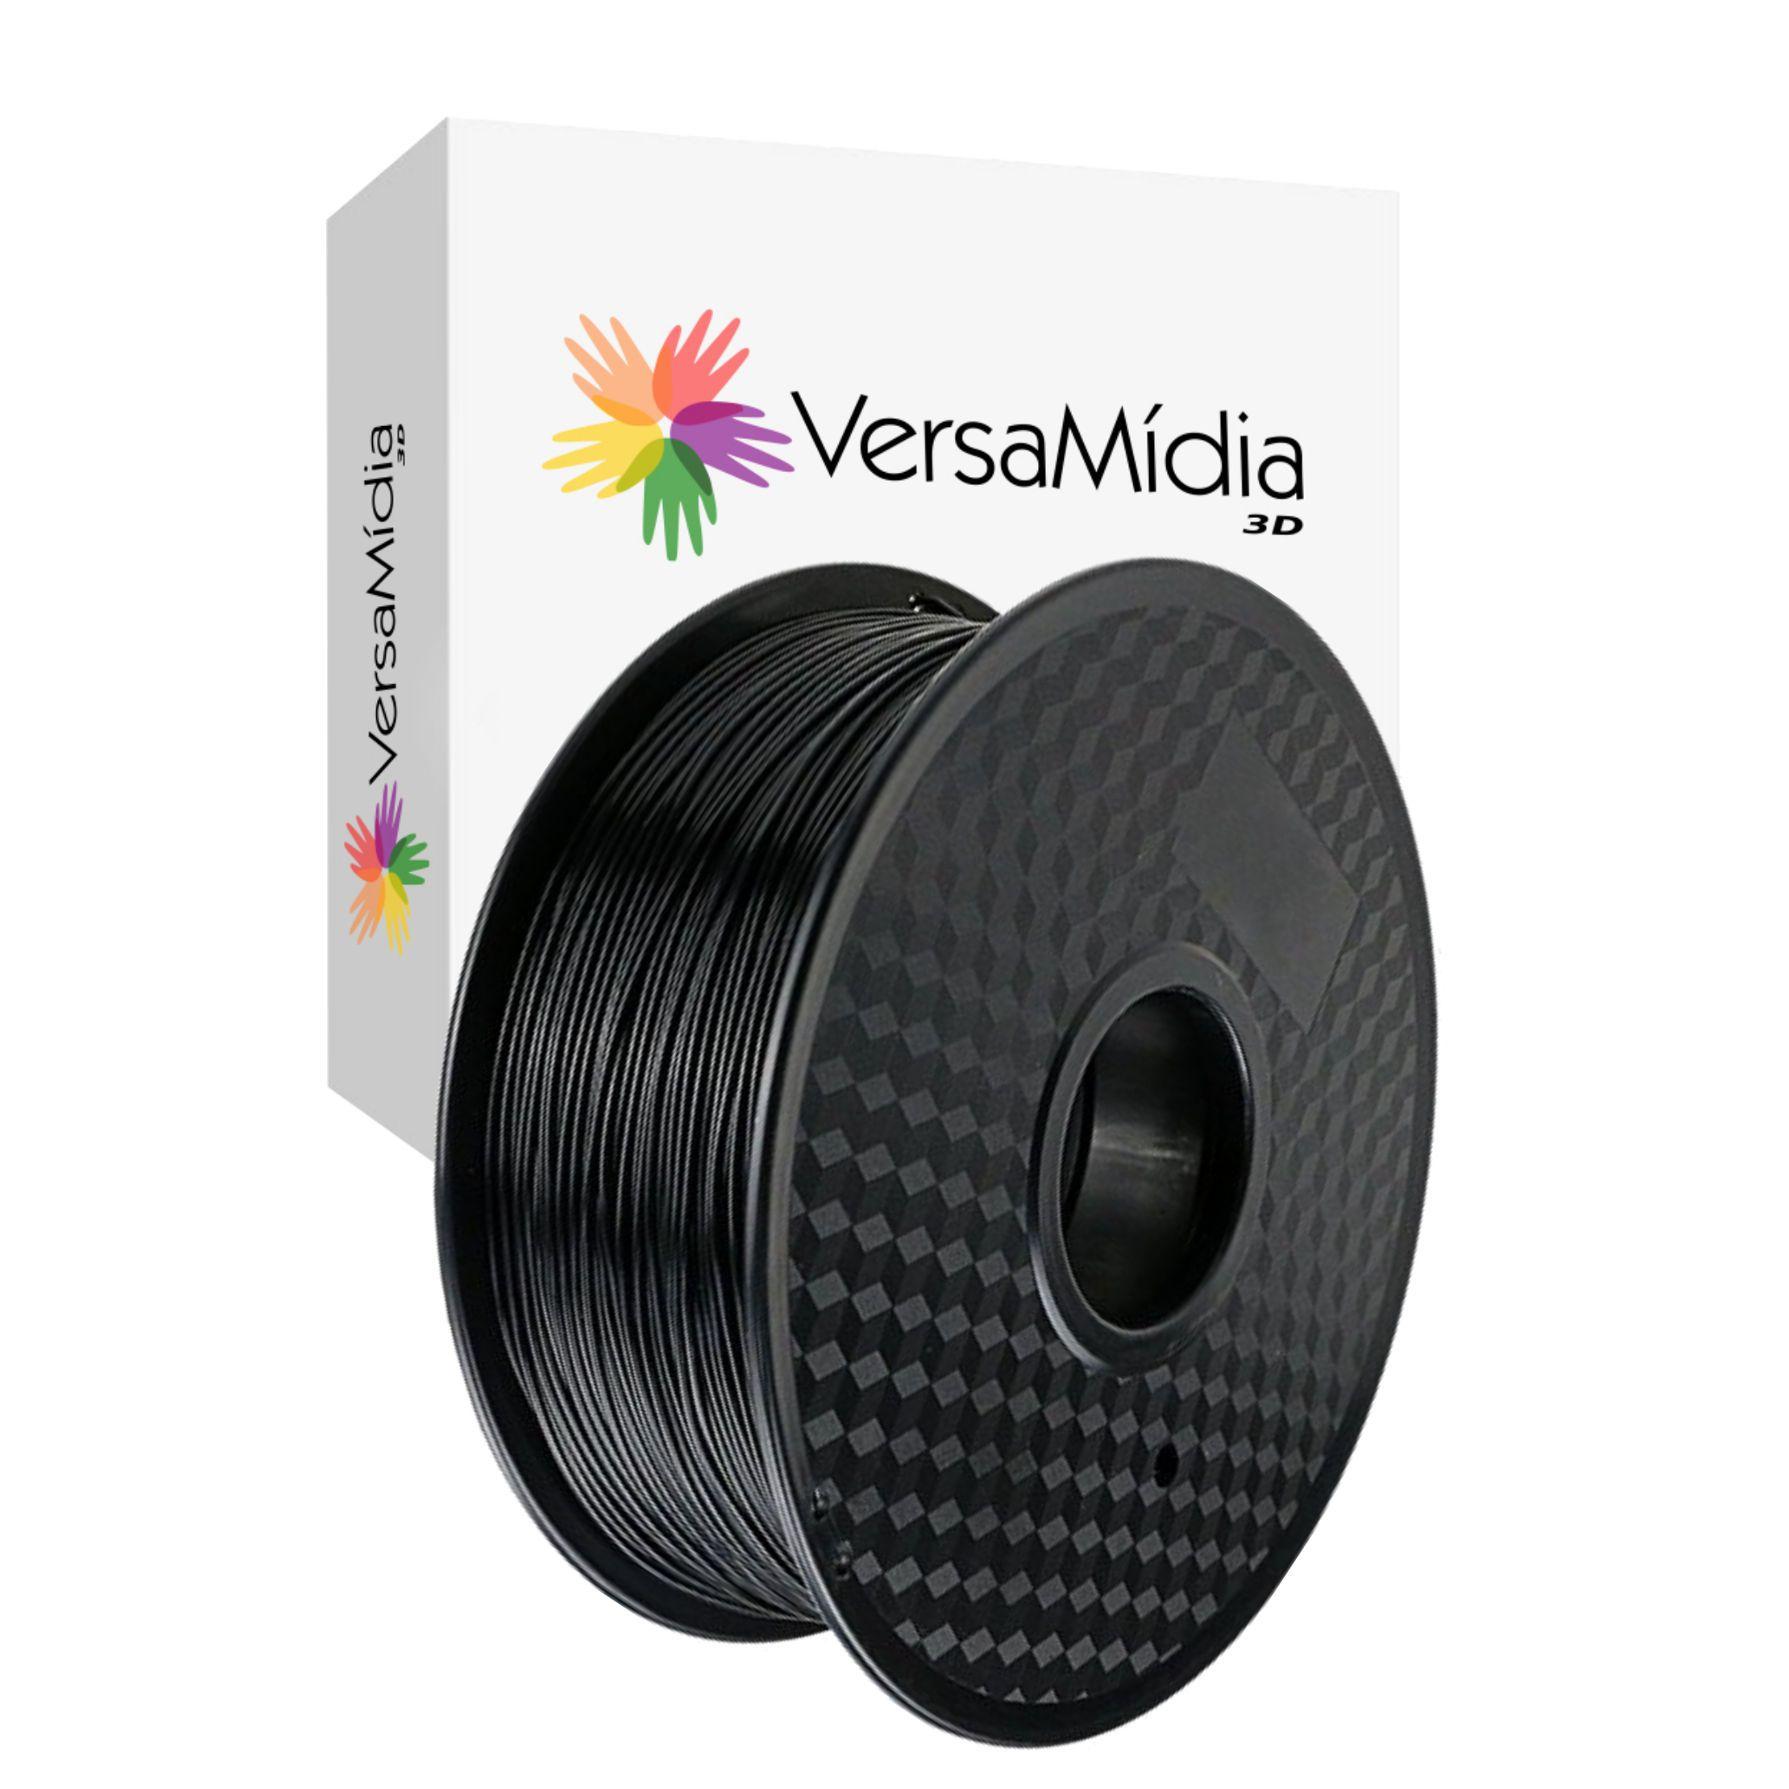 Filamento PLA  VersaMídia 3D Classic Colours  1.75mm 1Kg  3D BlackSpool cod. 11503, 11504 ou 11514